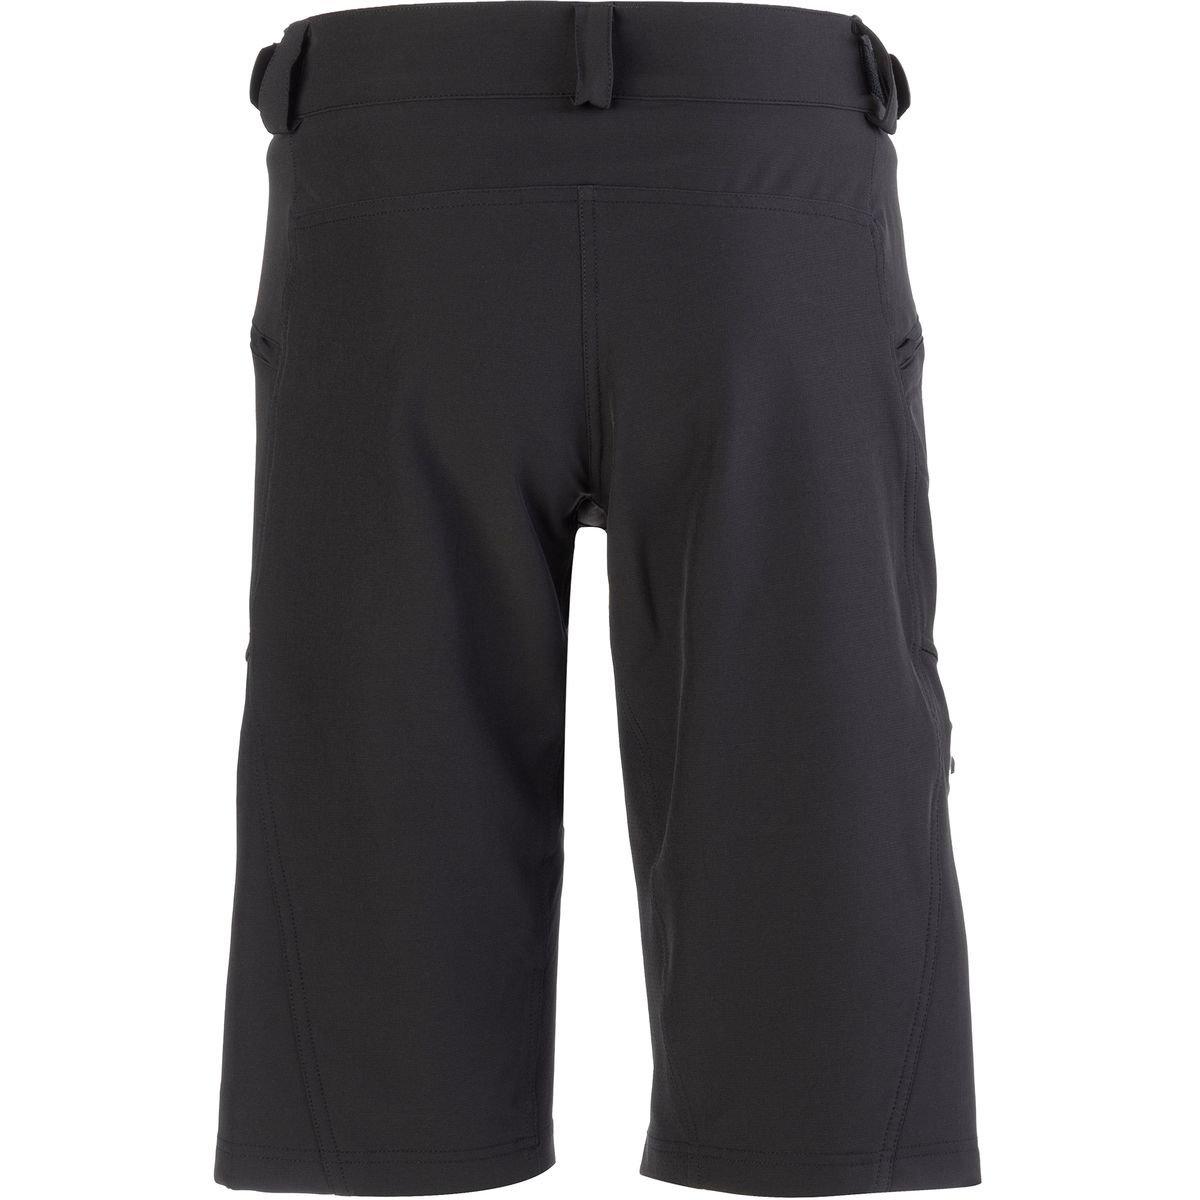 iXS Sever 6.1 Shorts - Women's Black, 38 by IXS (Image #2)